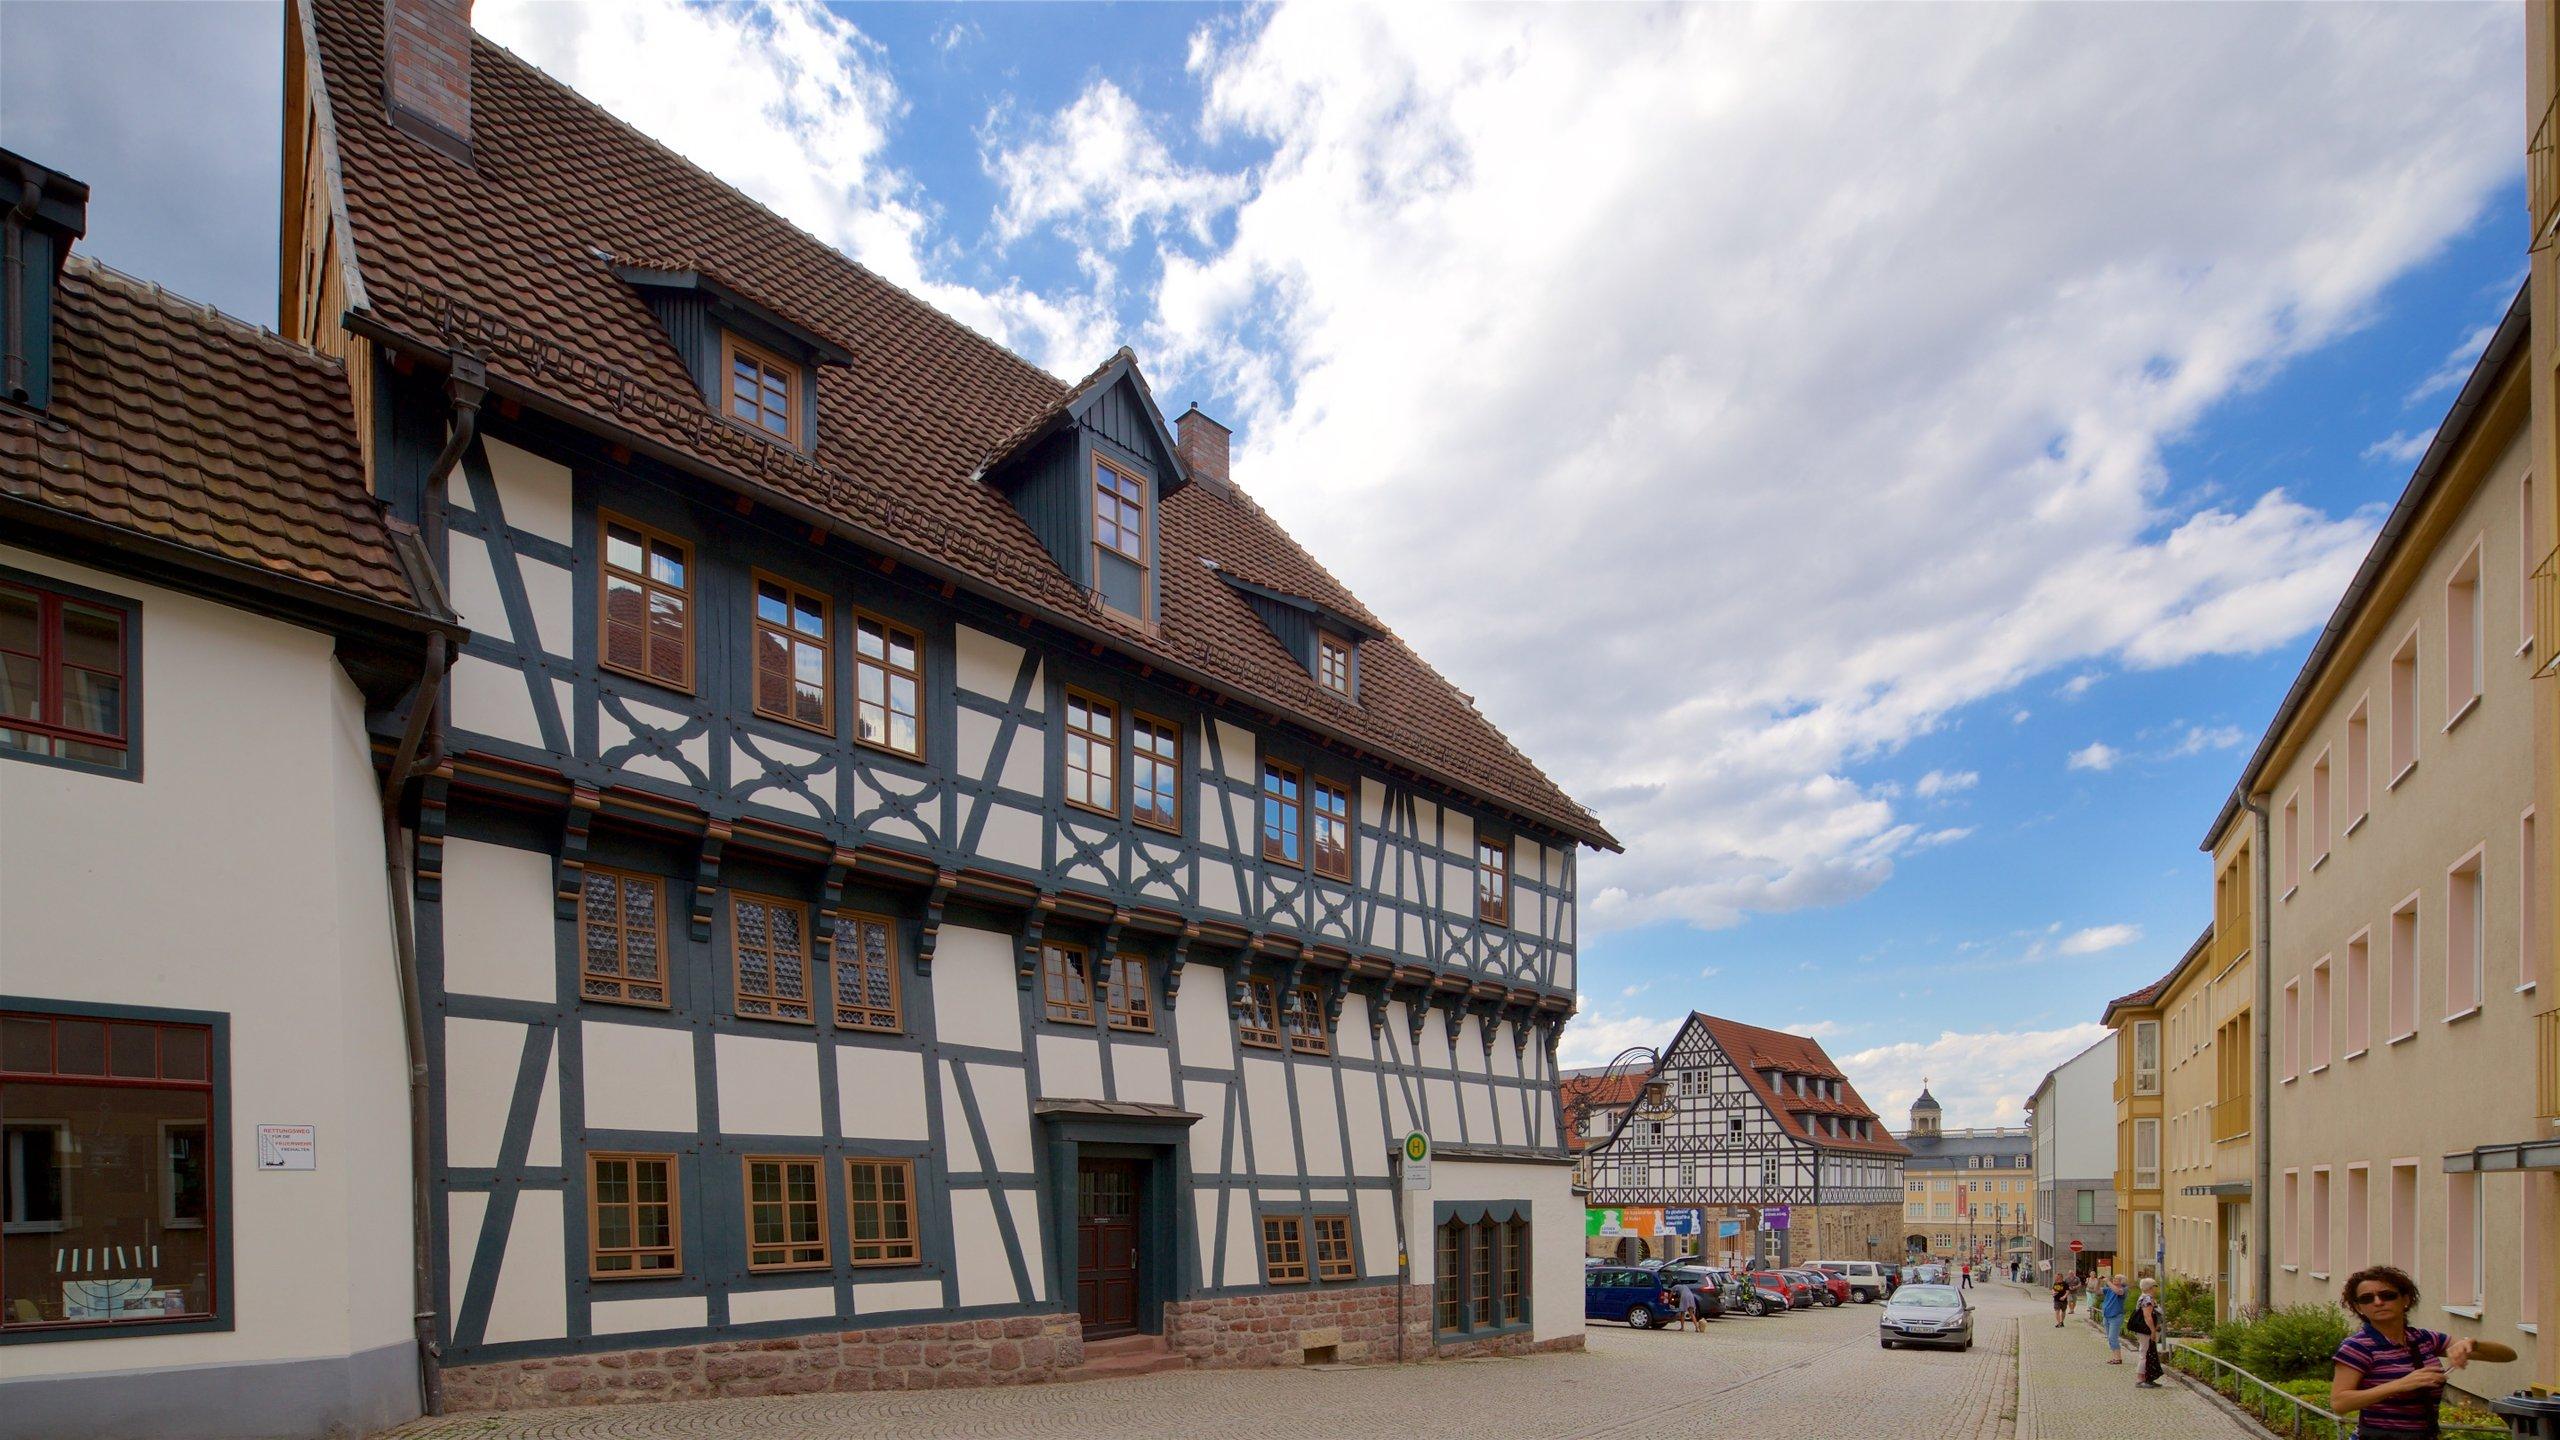 Lutherhaus, Eisenach, Thuringia, Germany